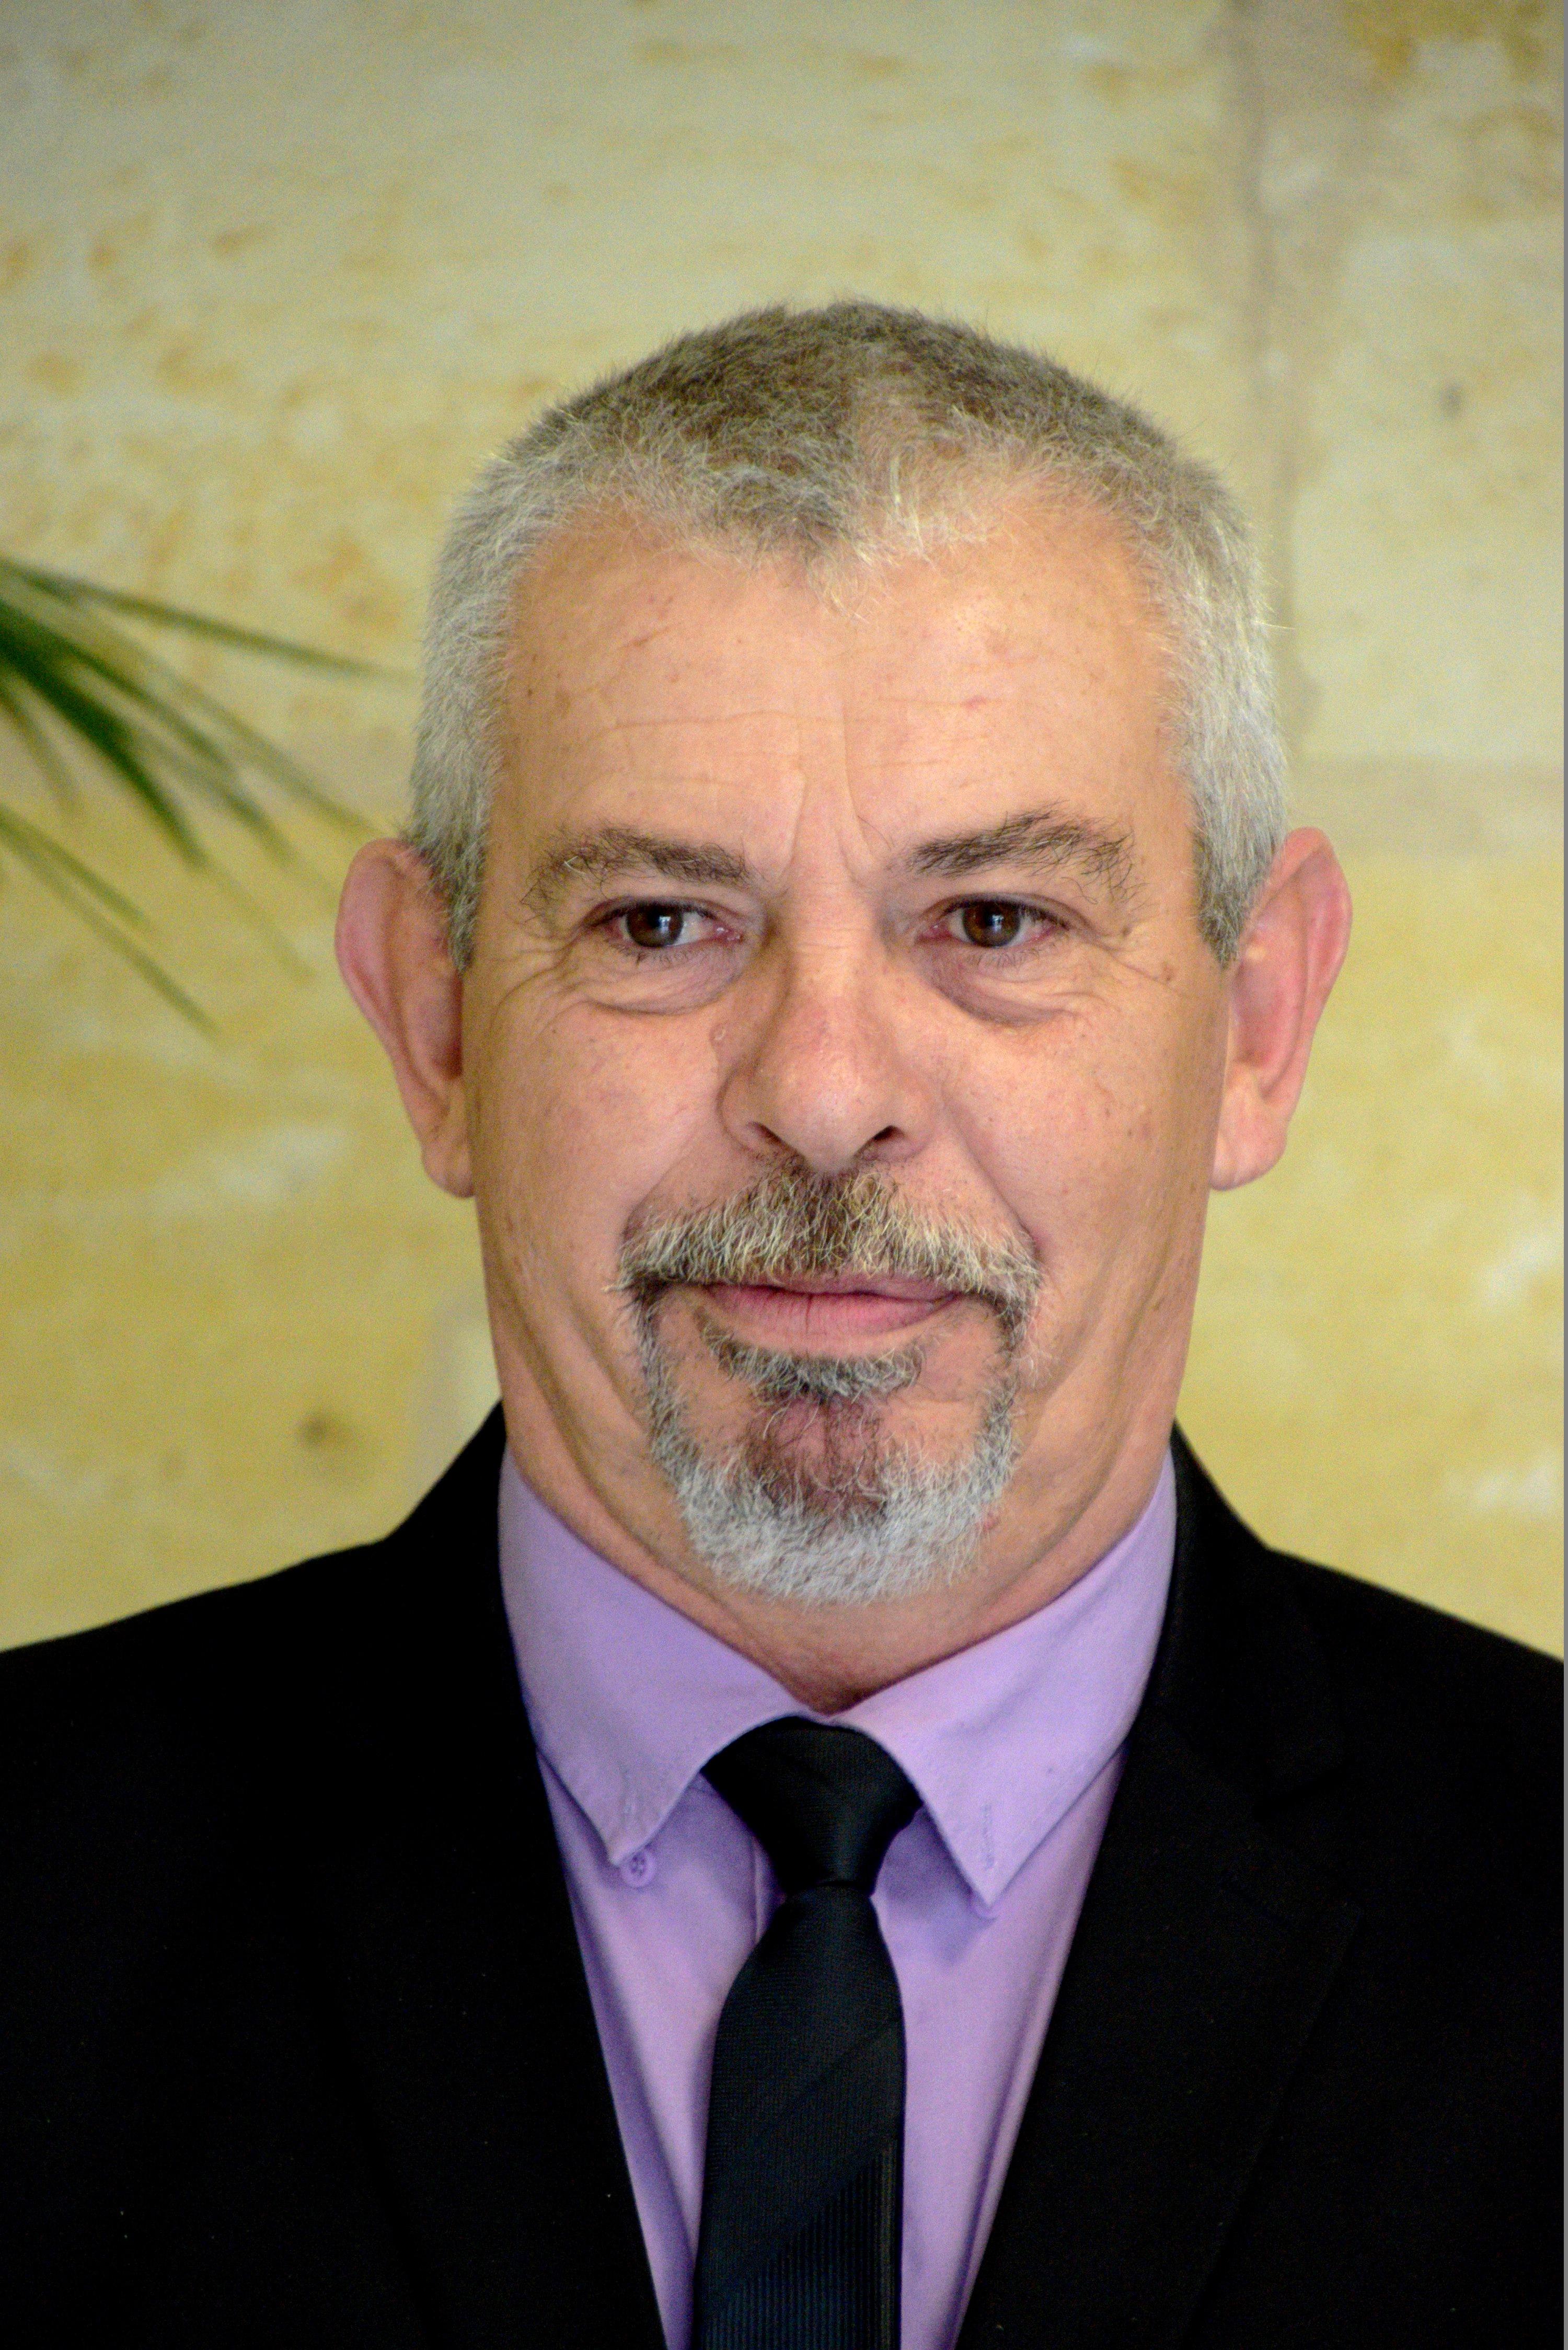 LANDRY Didier // En charge du Service Technique. Délégué aux travaux, à la voirie et aux réseaux, à l'entretien des bâtiments communaux et du matériel roulant ainsi qu'à l'accéssibilité